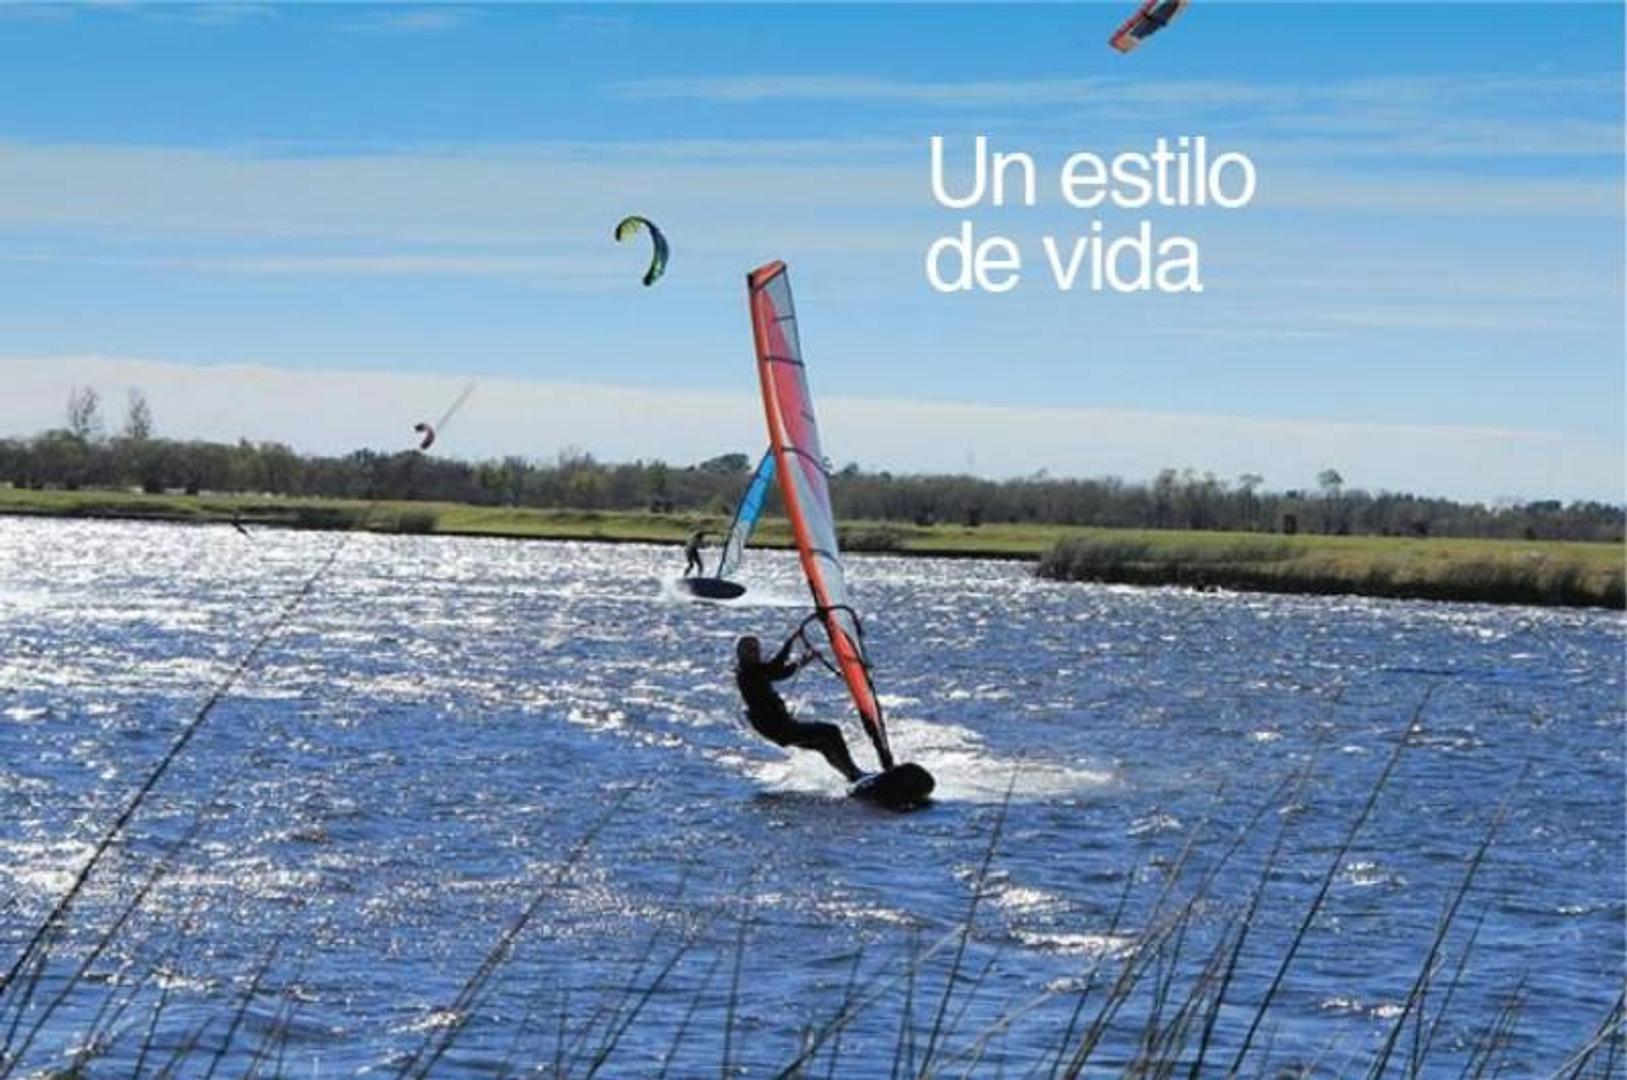 PUERTOS - BARRIO ARAUCAURIAS - RAMAL ESCOBAR KM 45 - LOTE 246 - 100